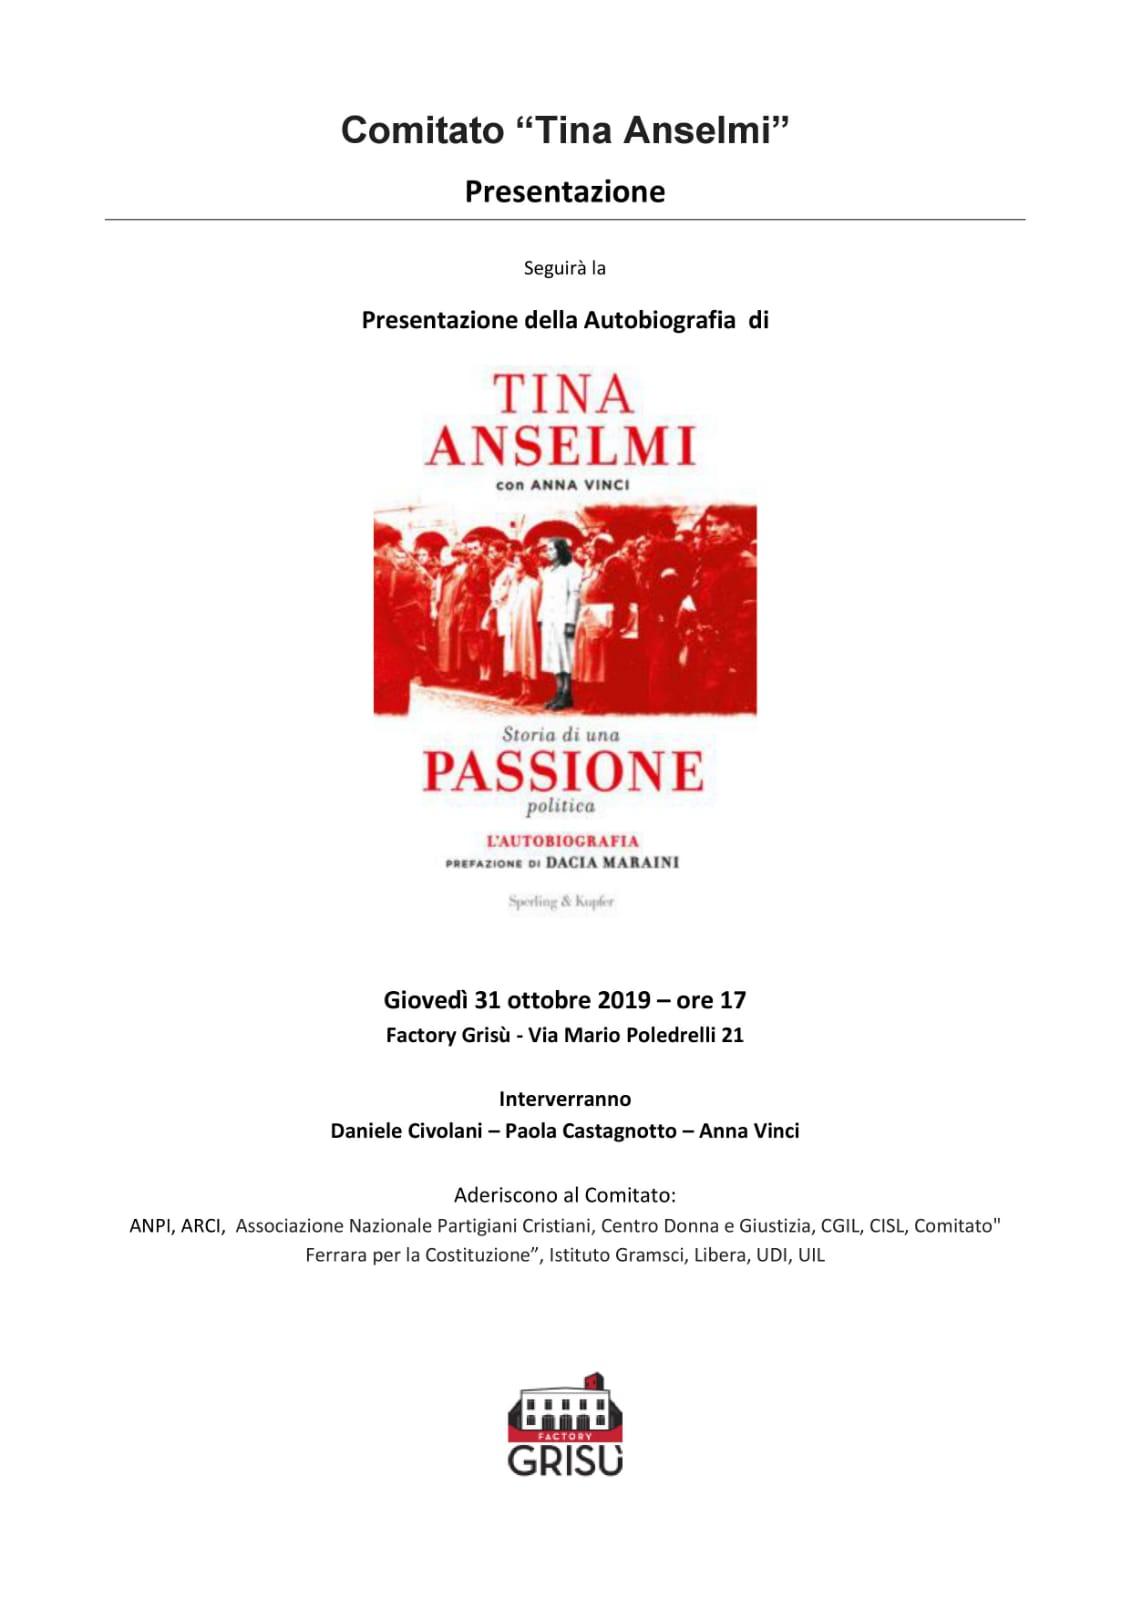 Storia di una passione politica: presentazione dell'autobiografia di Tina Anselmi